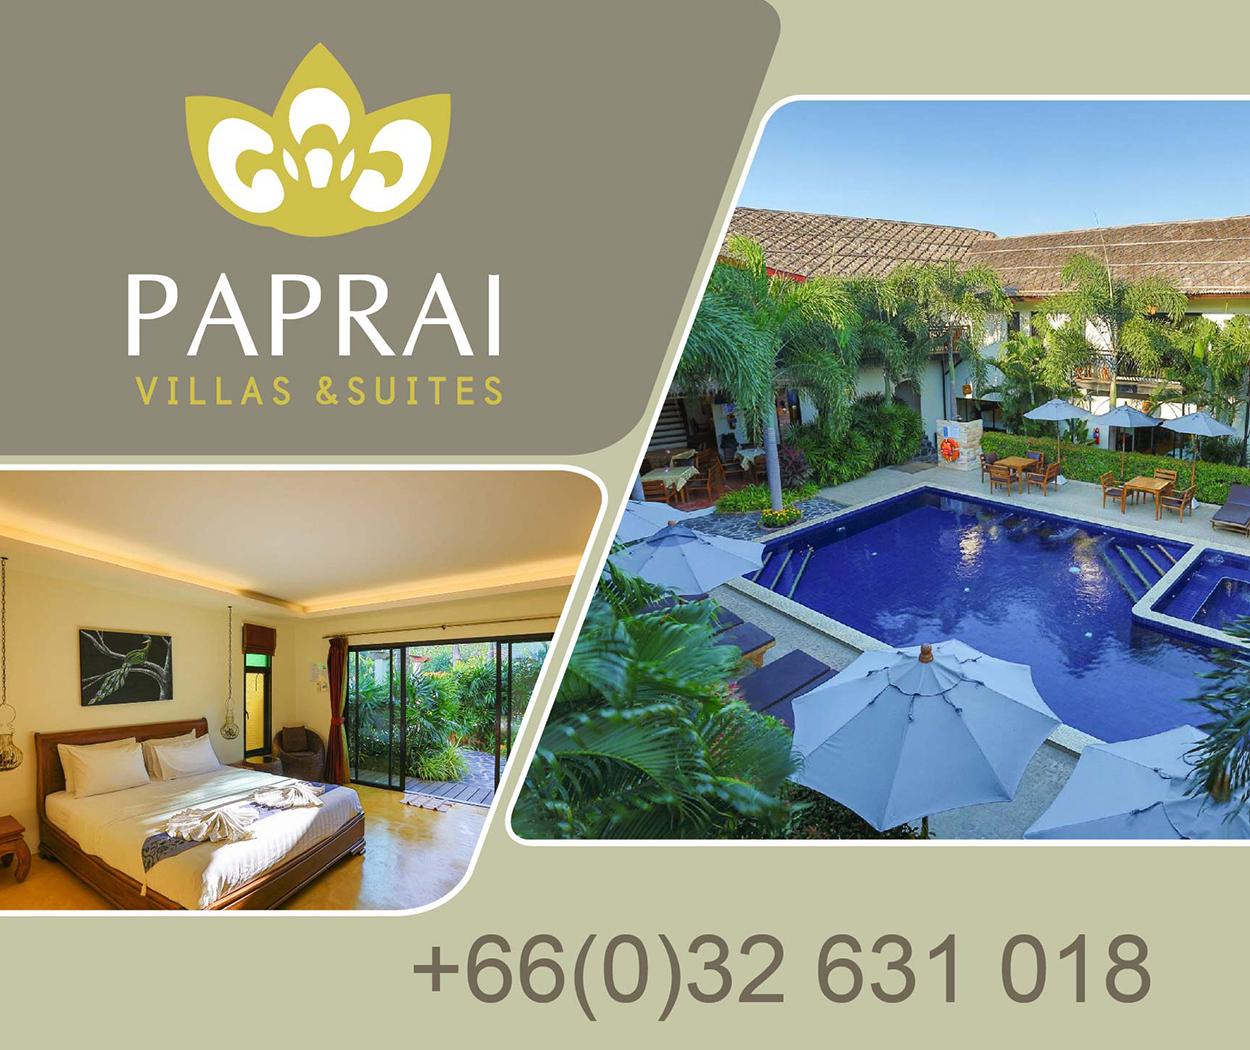 Paprai Villas & Suites